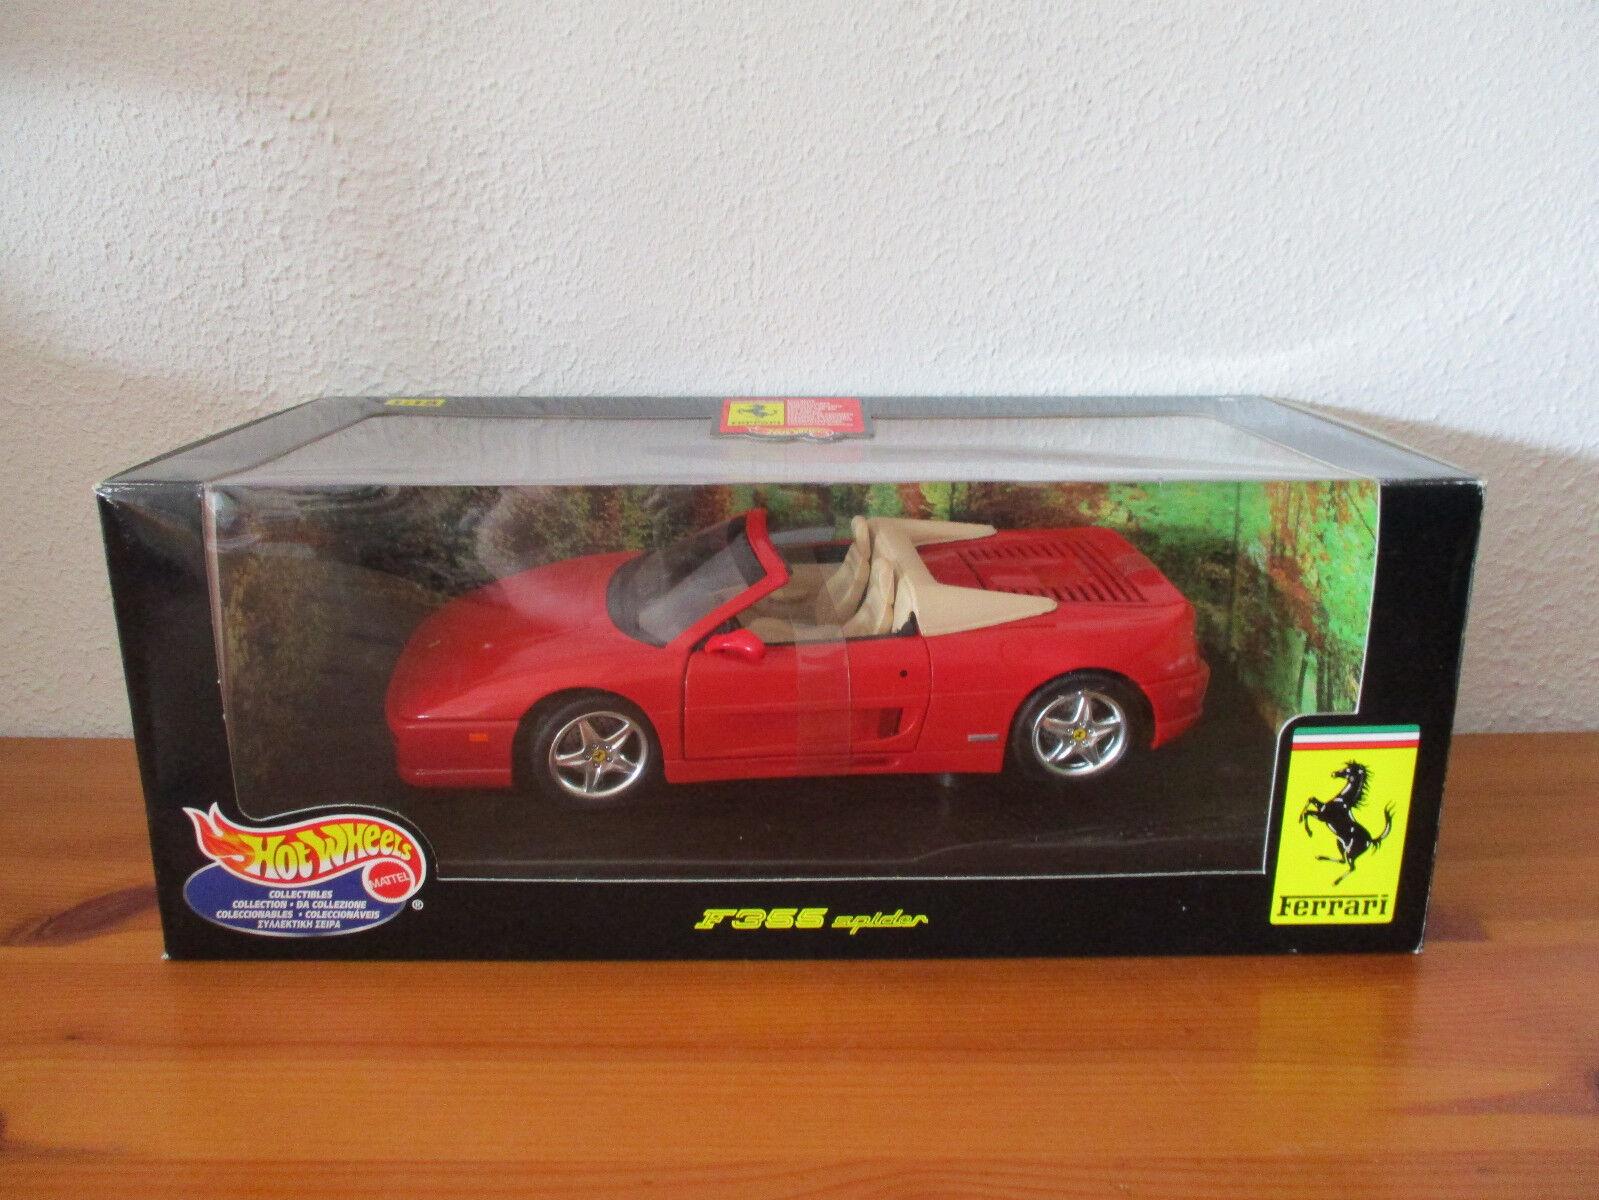 (Go) 1 18 Hot Wheels Ferrari Ferrari Ferrari F355 RAGNO NUOVO conf. orig. 6ccadf